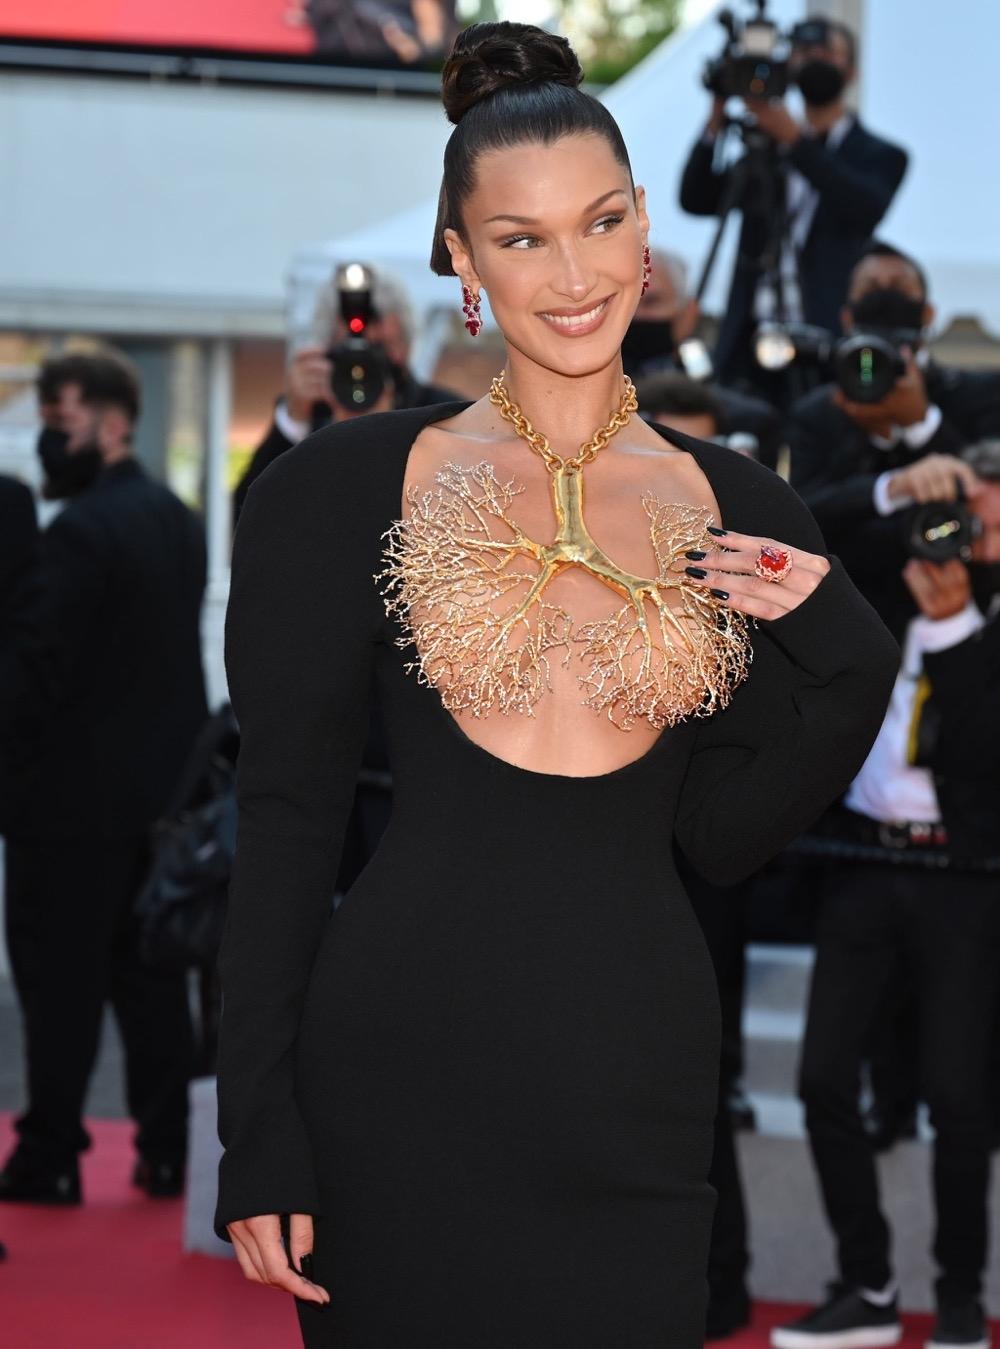 Золотые бронхи и обнаженная грудь: Белла Хадид показала самое эффектное платье на Каннском кинофестивале (ФОТО) - фото №4